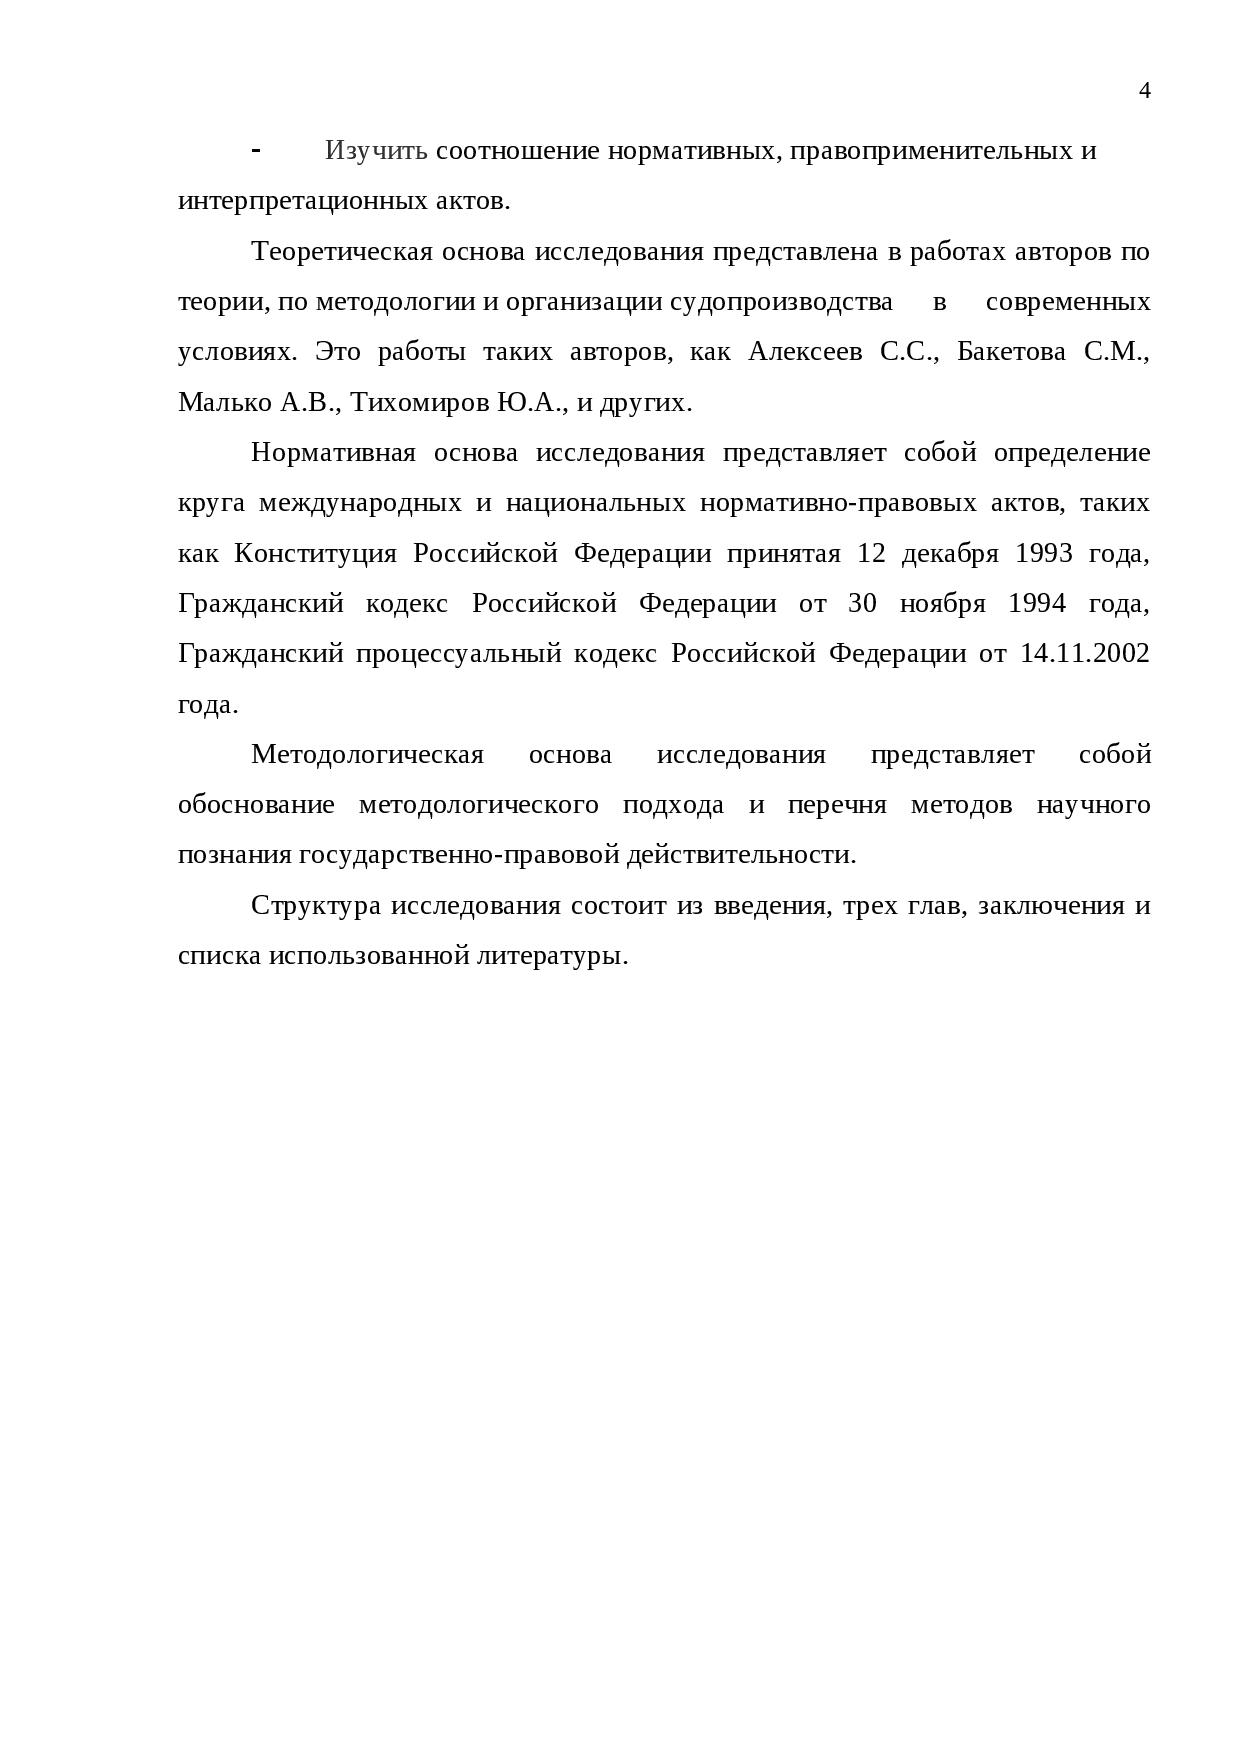 Подзаконные акты: понятие, признаки, виды. подзаконные акты - это... :: businessman.ru